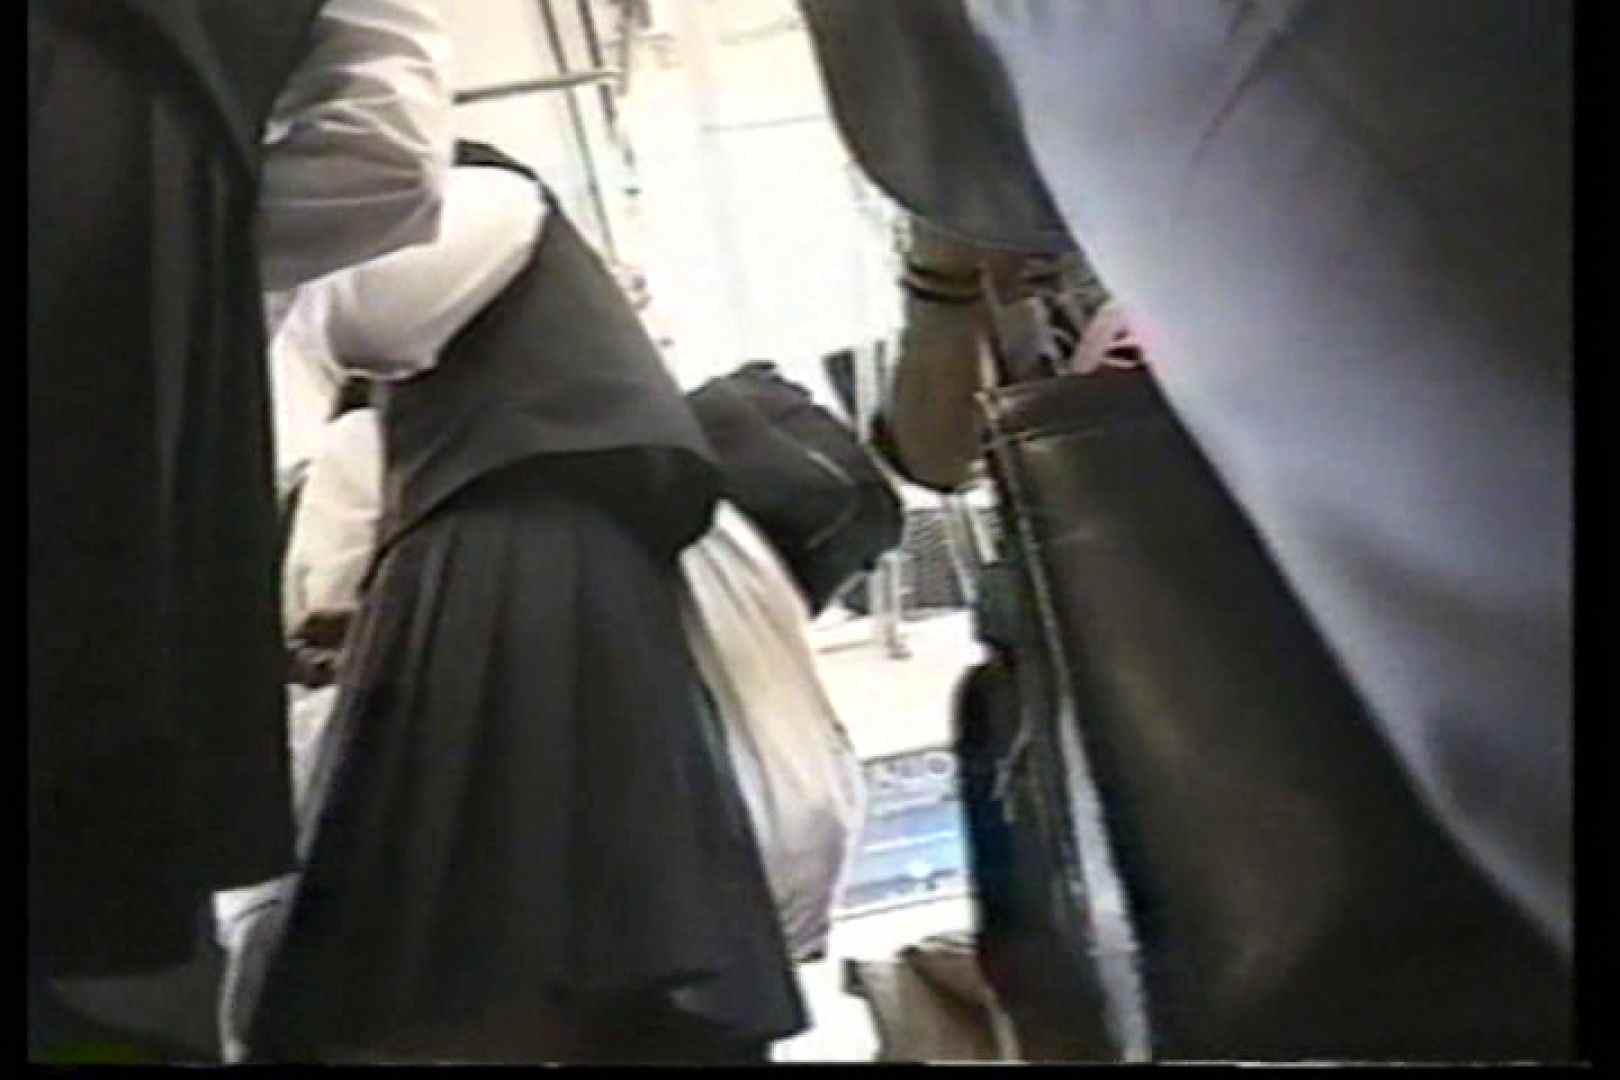 女子大生 夏服に替えれば下着も替わる モッコリを目で感触 TK-77 現役ギャル オマンコ動画キャプチャ 102pic 58